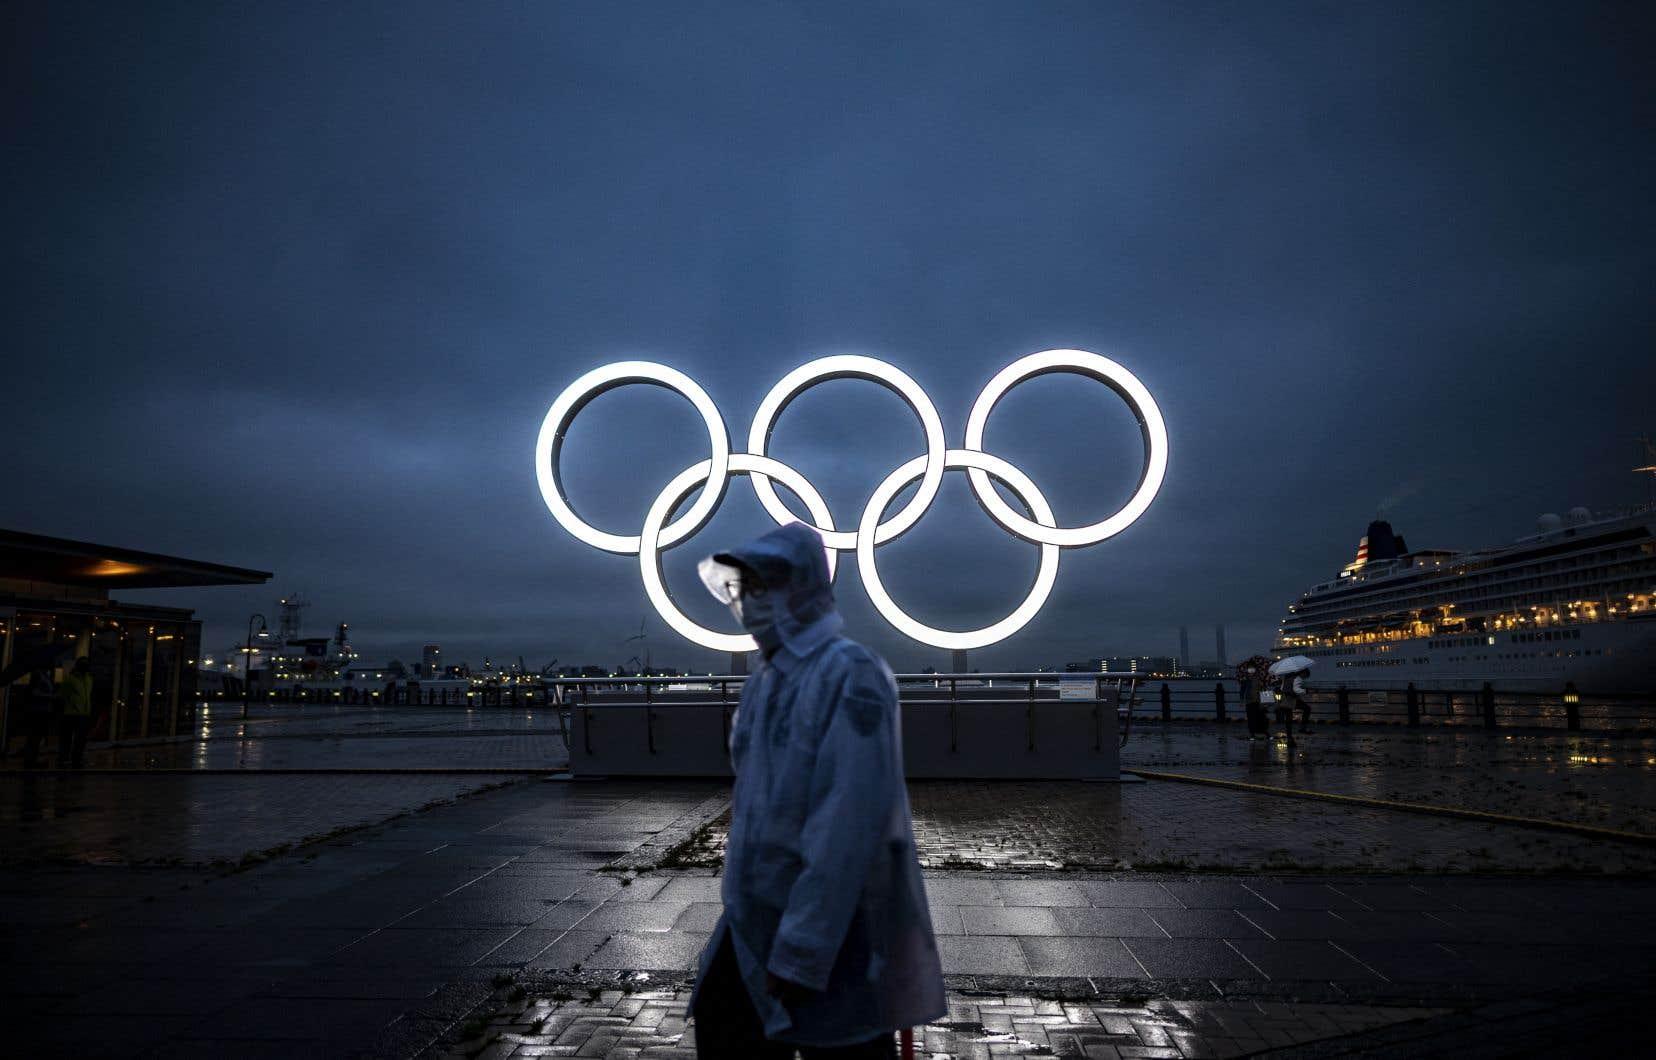 La firme a signé une entente de commandite mondiale avec les Jeux olympiques en 2015. Le contrat de huit ans s'élevait, semble-t-il, à près d'un milliard de dollars.